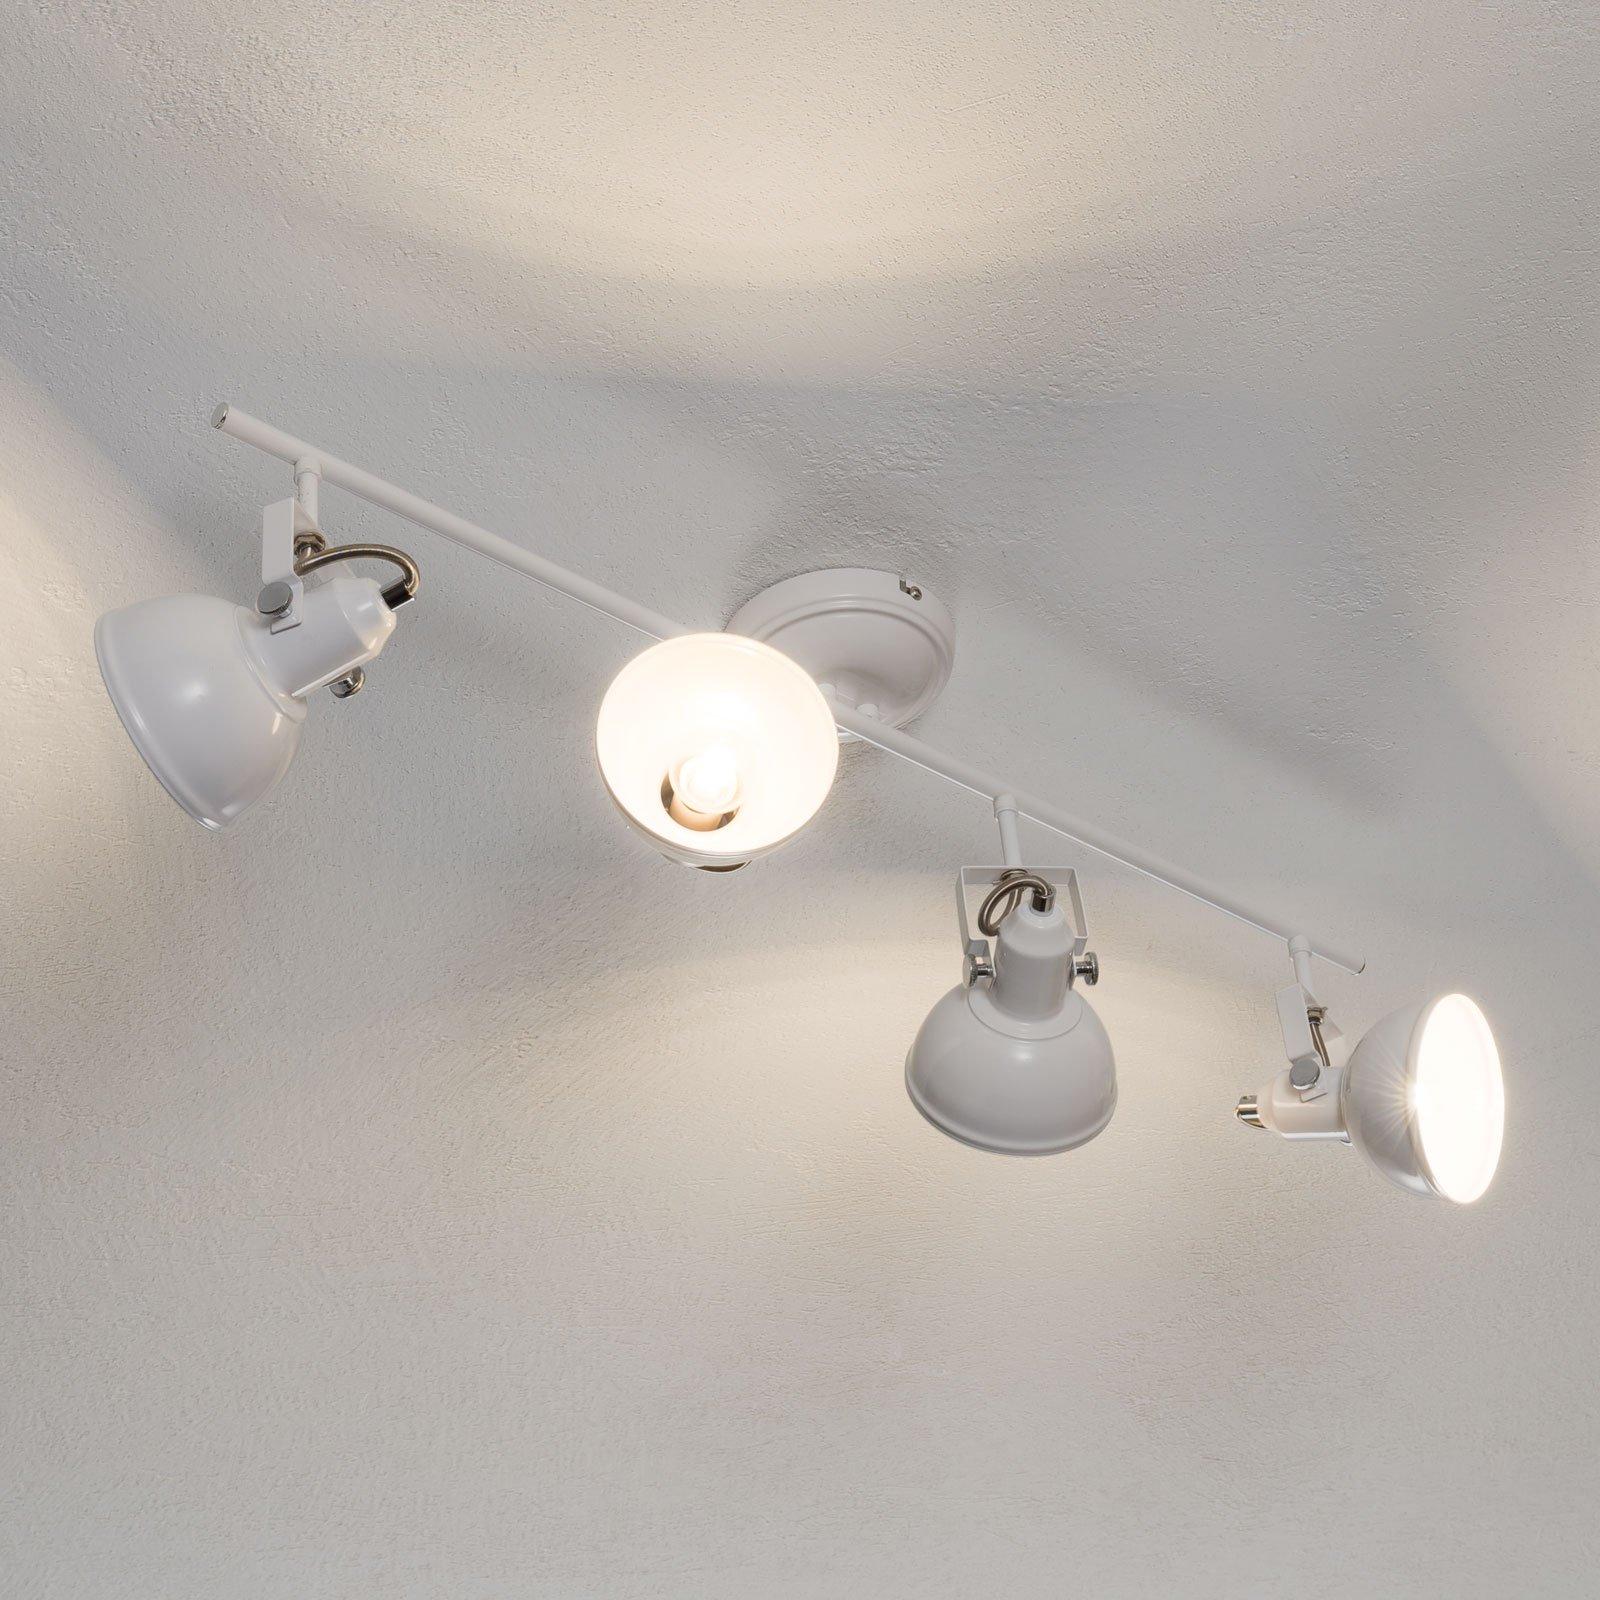 Taklampe Gina, 4 lyskilder, hvit